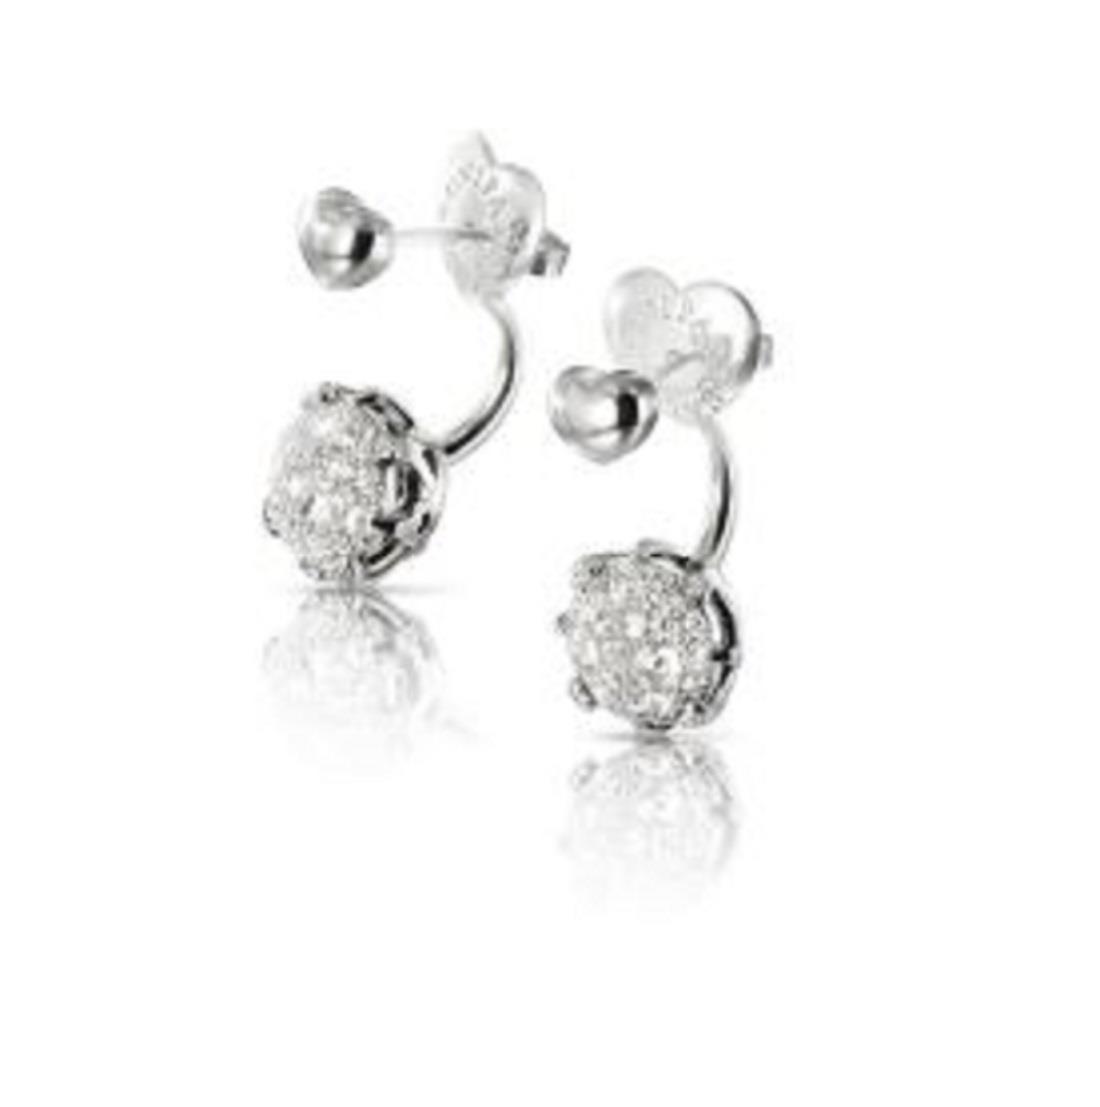 Orecchini con diamanti - PASQUALE BRUNI